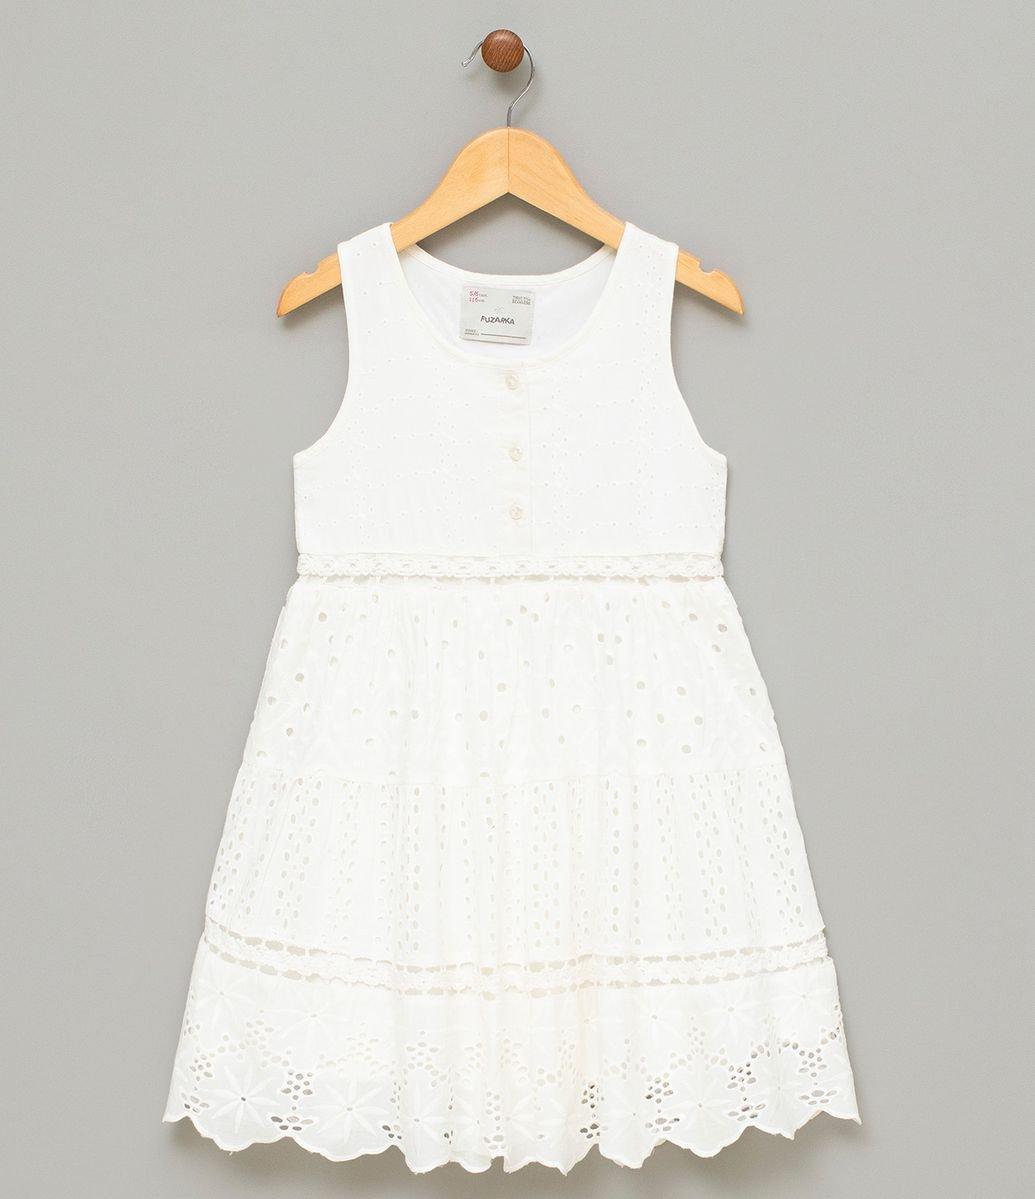 78fee2700f94 Vestido Infantil Estampado sem Mangas - Tam 5 a 14 | Menor preço com ...